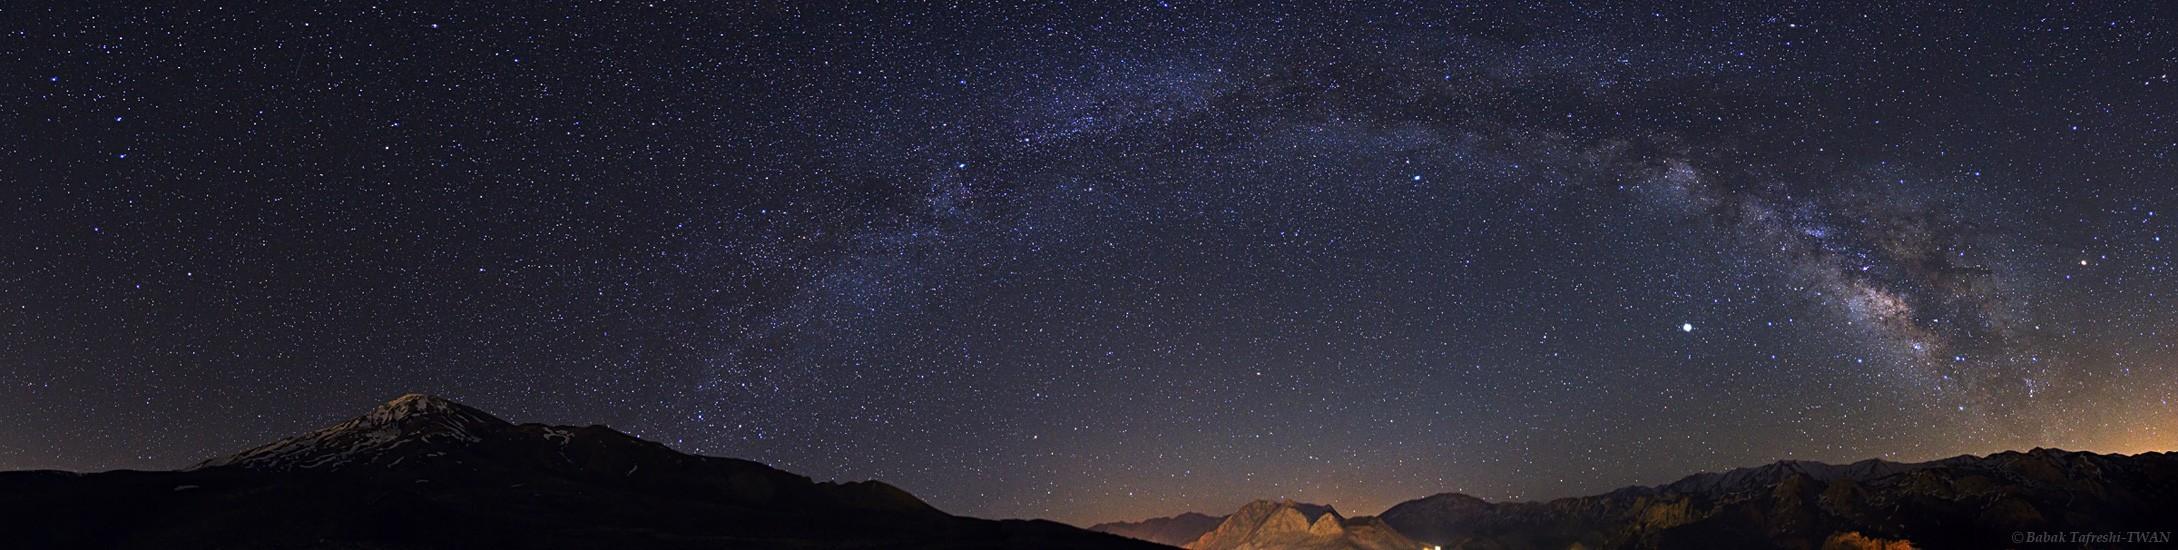 La Vía Láctea sobre la Montaña Alborz